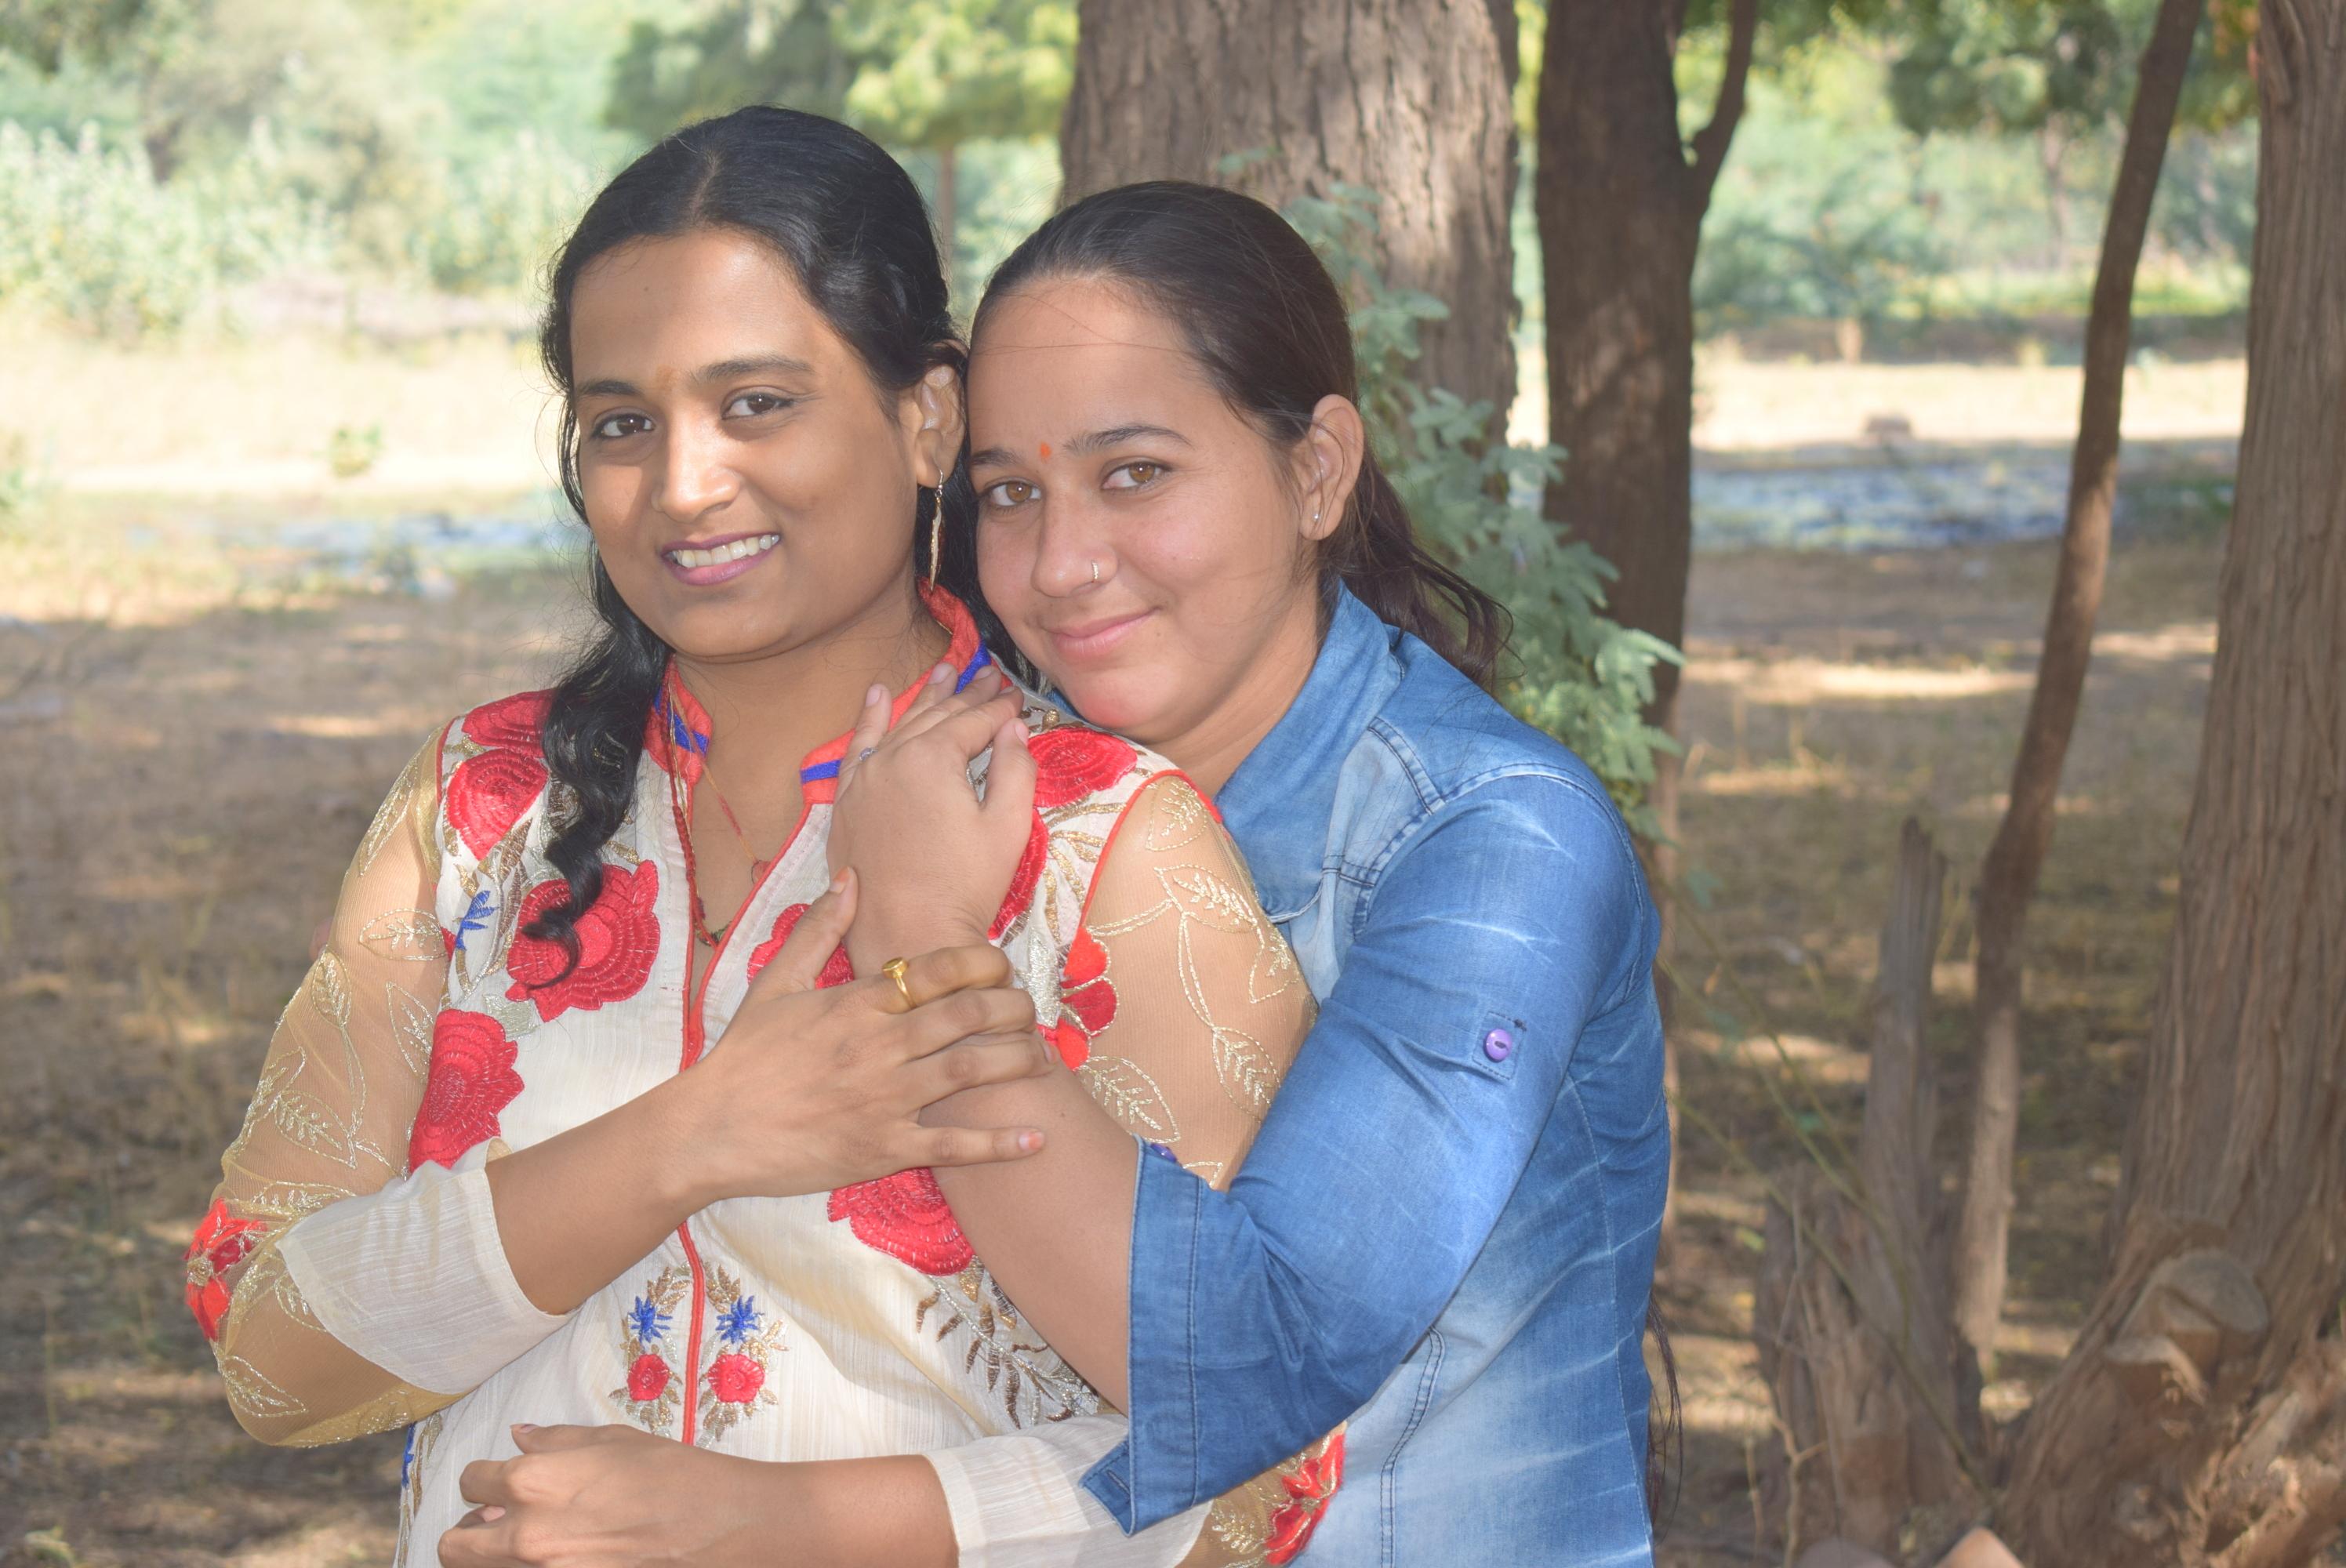 बालिका वधू पपली बाल विवाह बंधन से मुक्त, अब भरेगी सपनों की उडान